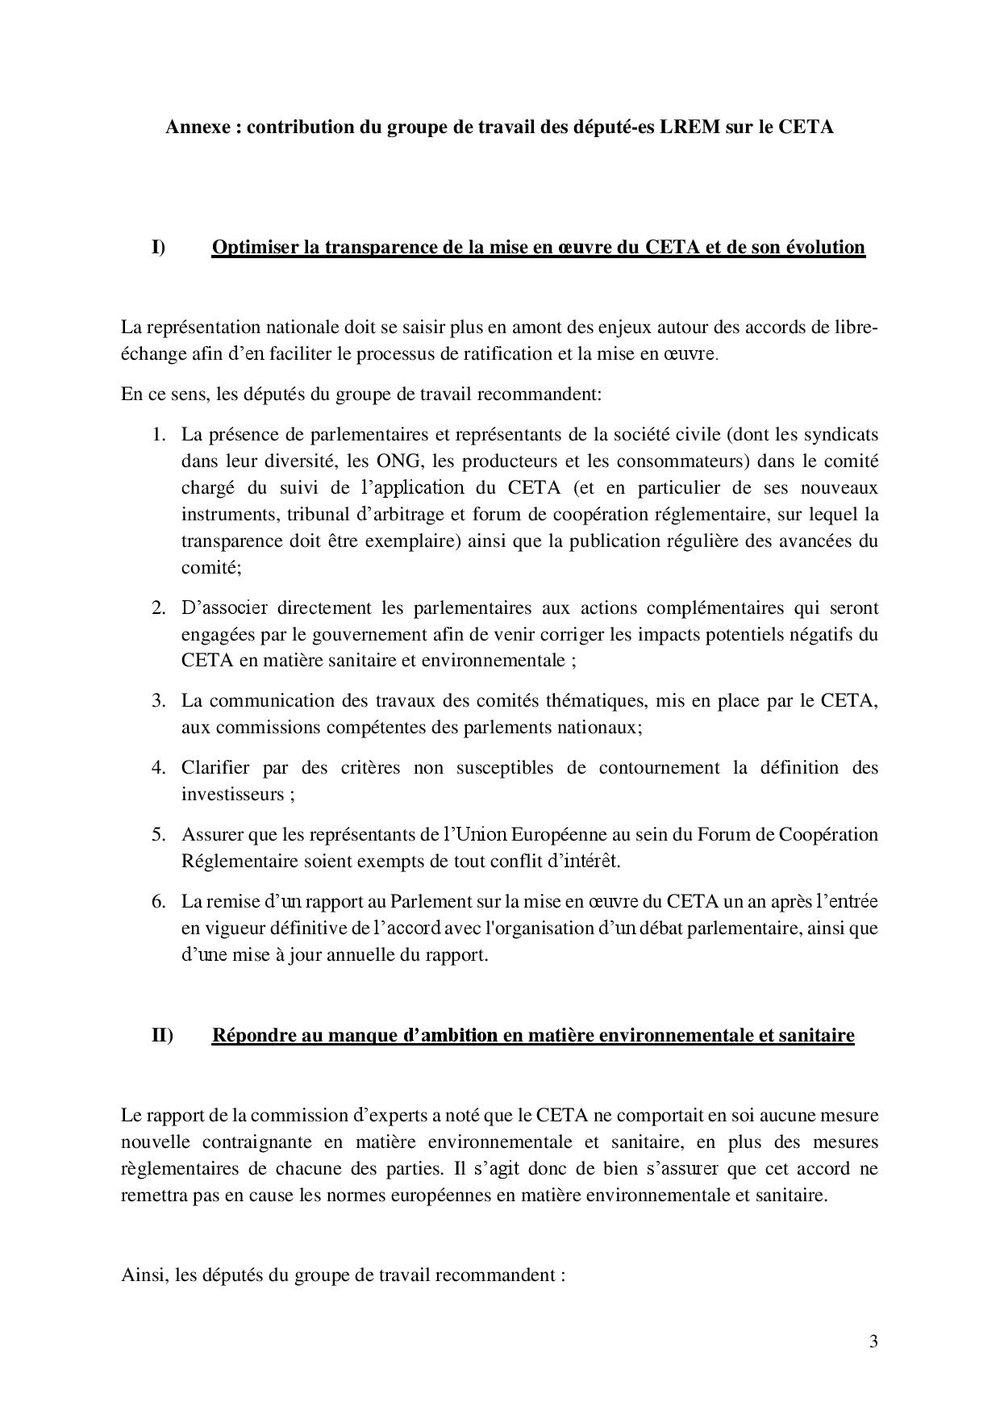 LettreREMCETAPM-page-003.jpg